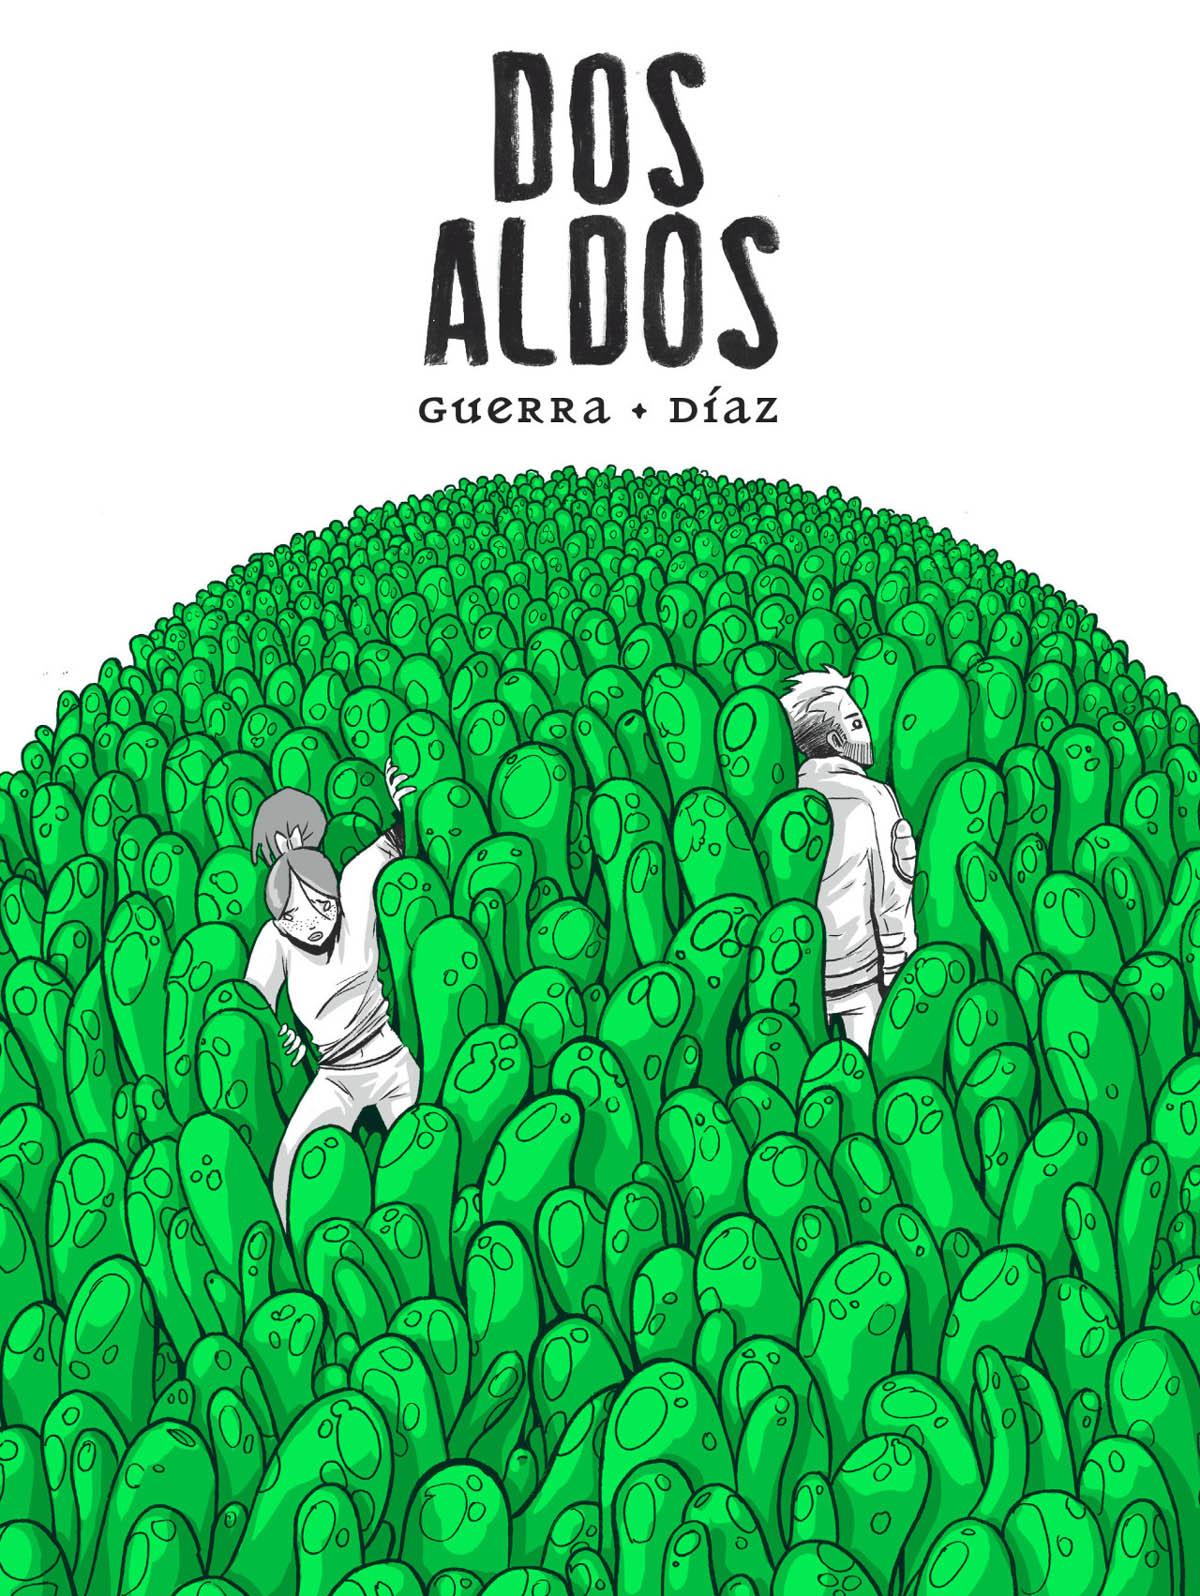 dos aldos award winning maga illustration by guerra diaz